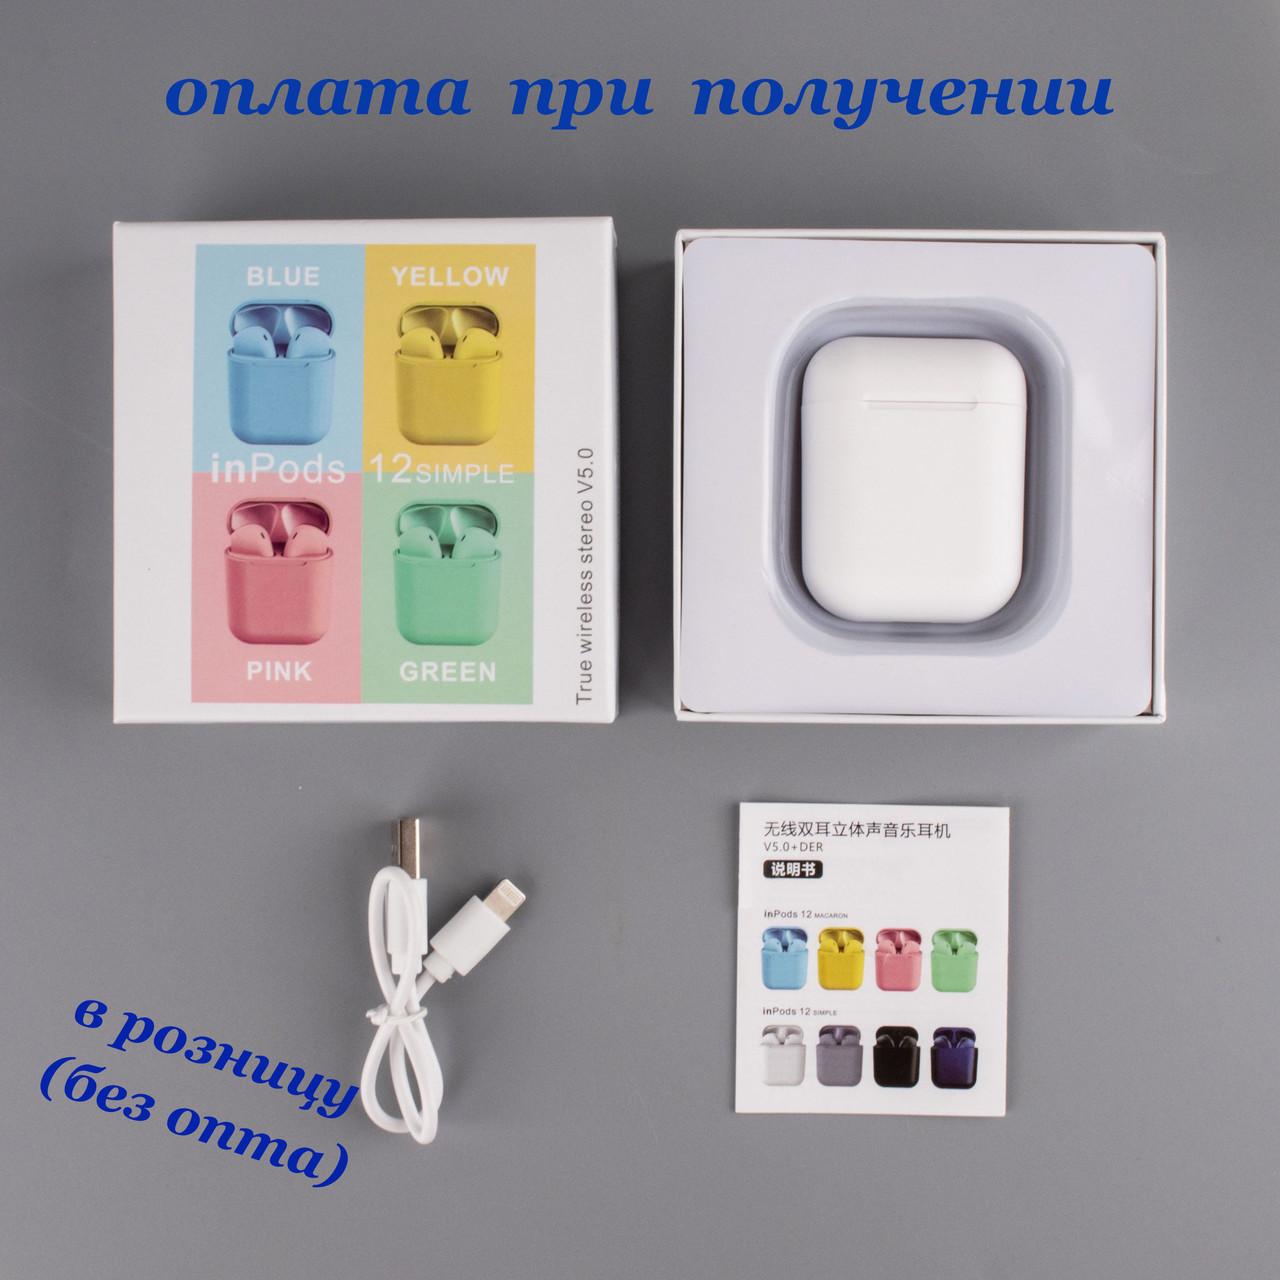 Бездротові вакуумні Bluetooth навушники СТЕРЕО гарнітура TWS Apple AirPods Pro inPods i12 СЕНСОРНІ 1:1 (6)